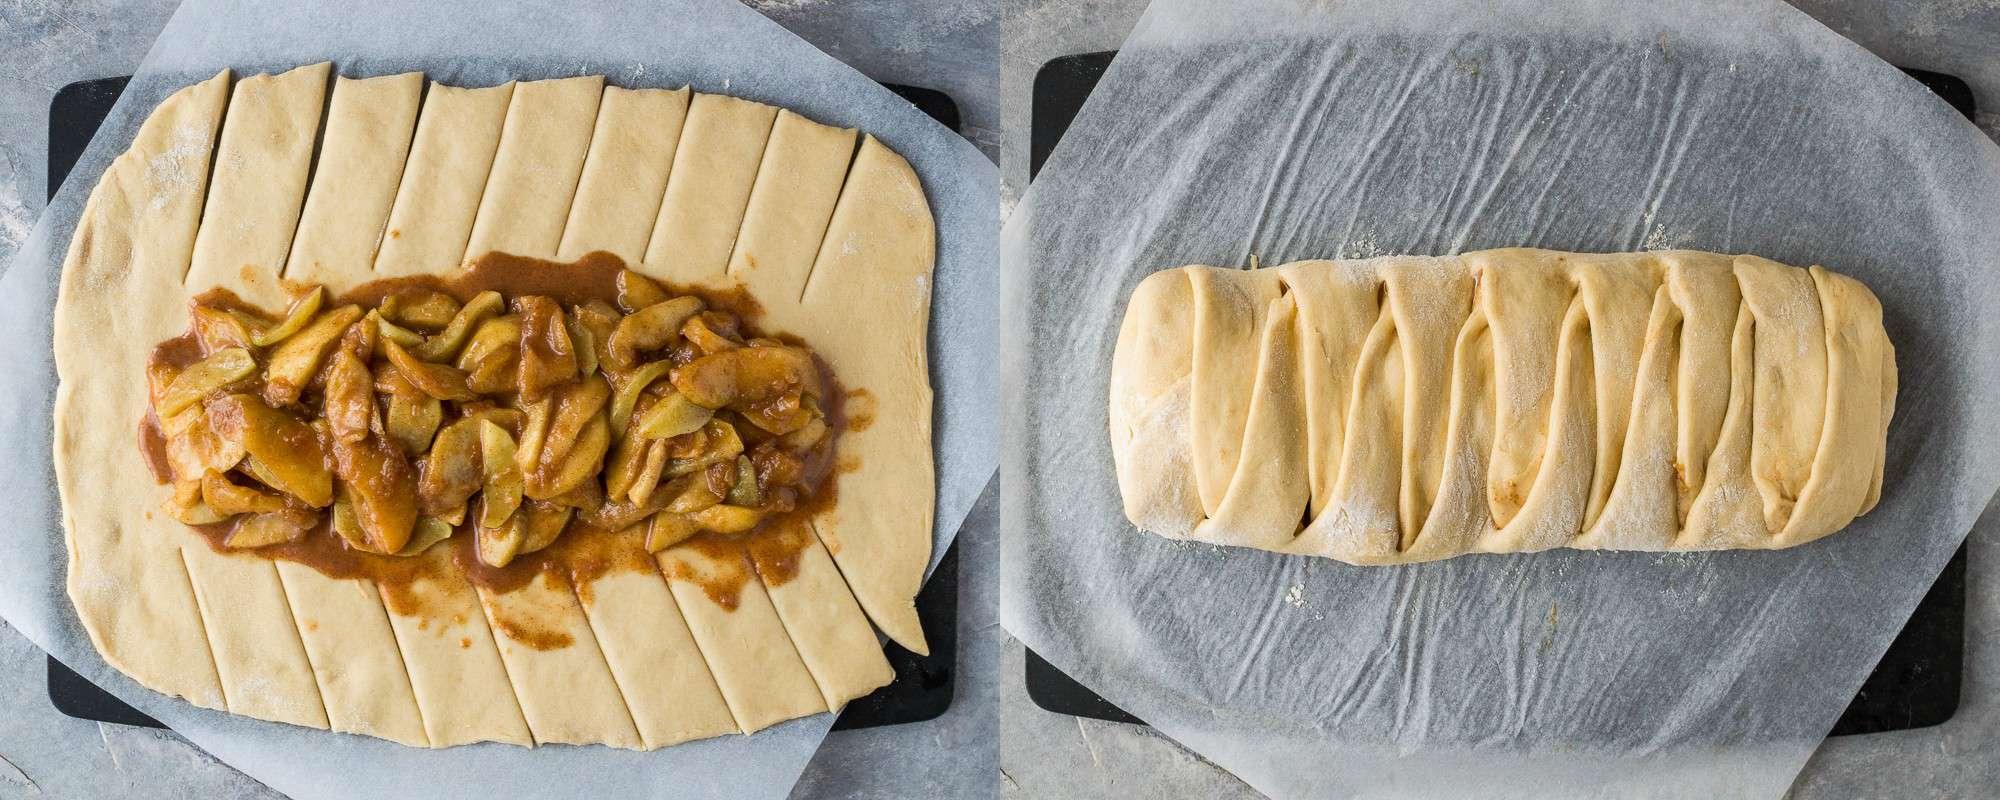 Apple cinnamon brioche shaping technique